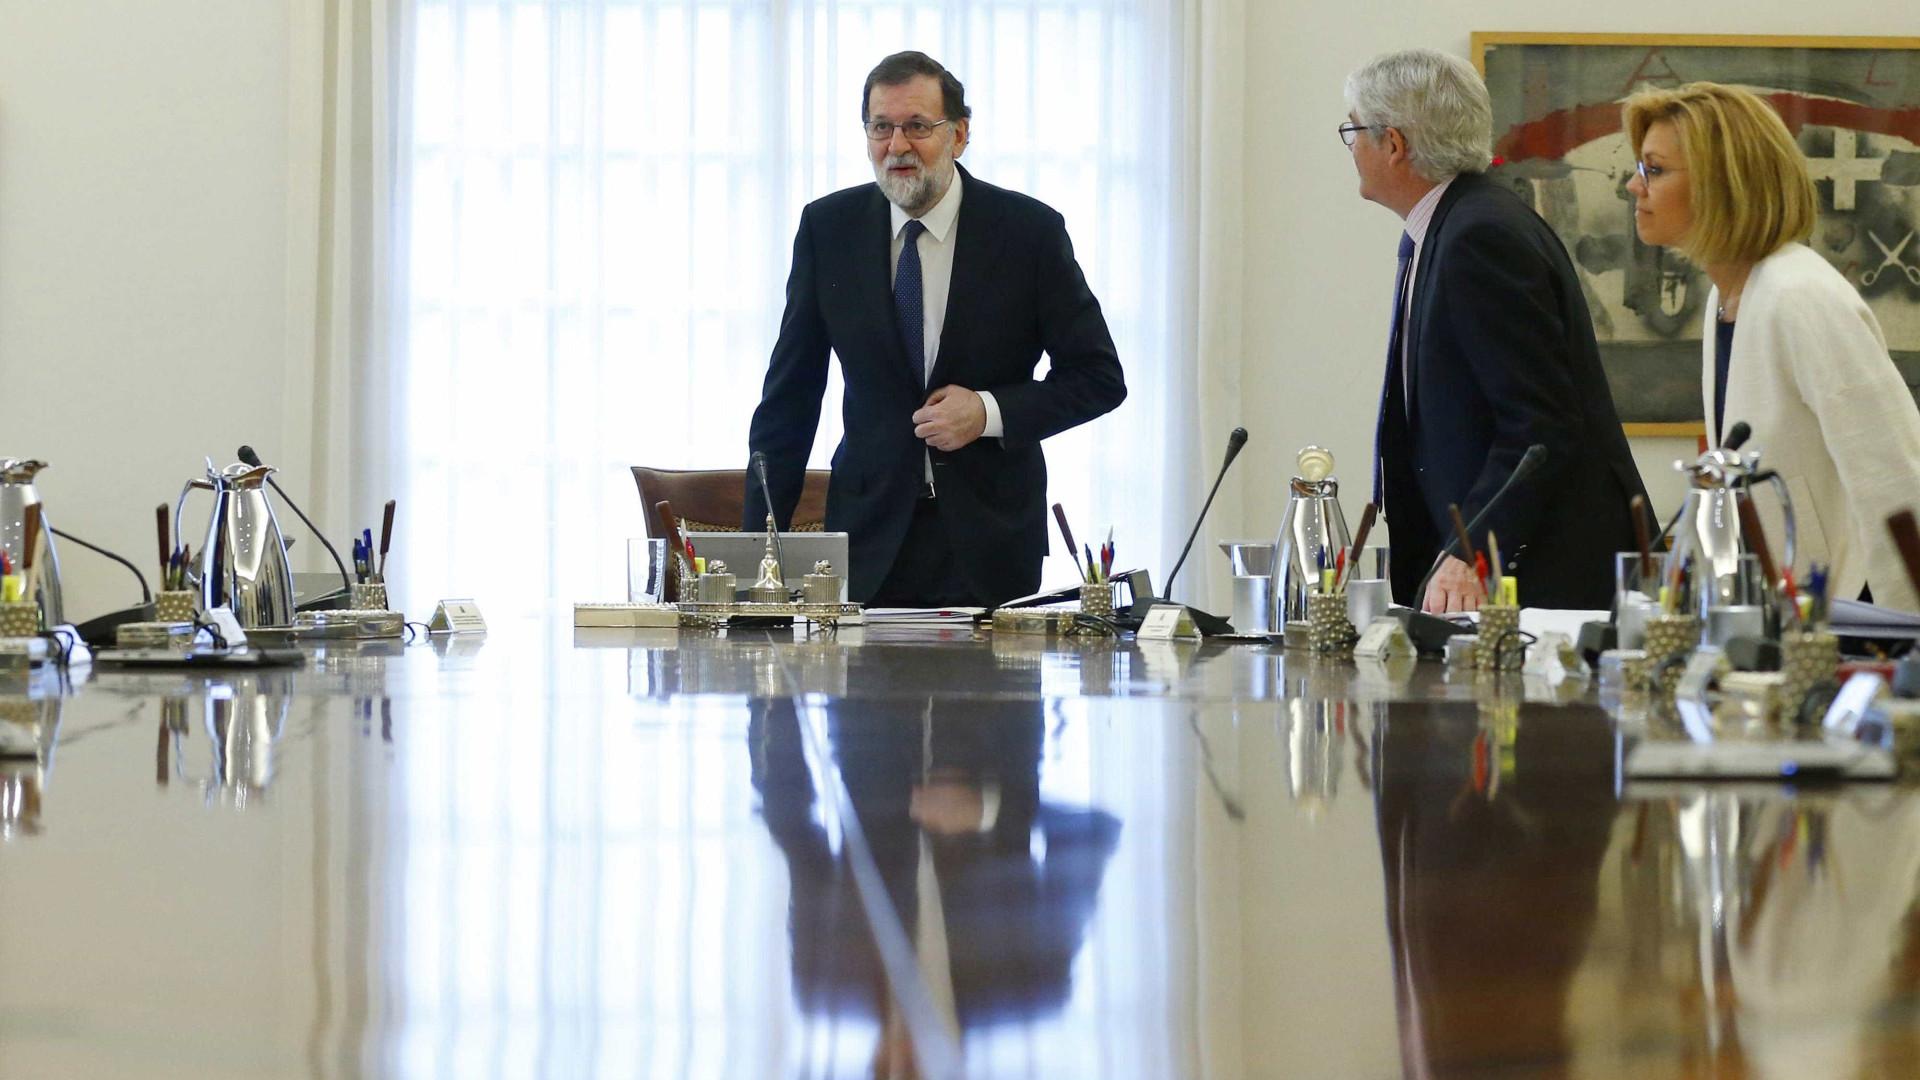 Rajoy usa a 'bomba' 155 e vai dissolver governo catalão